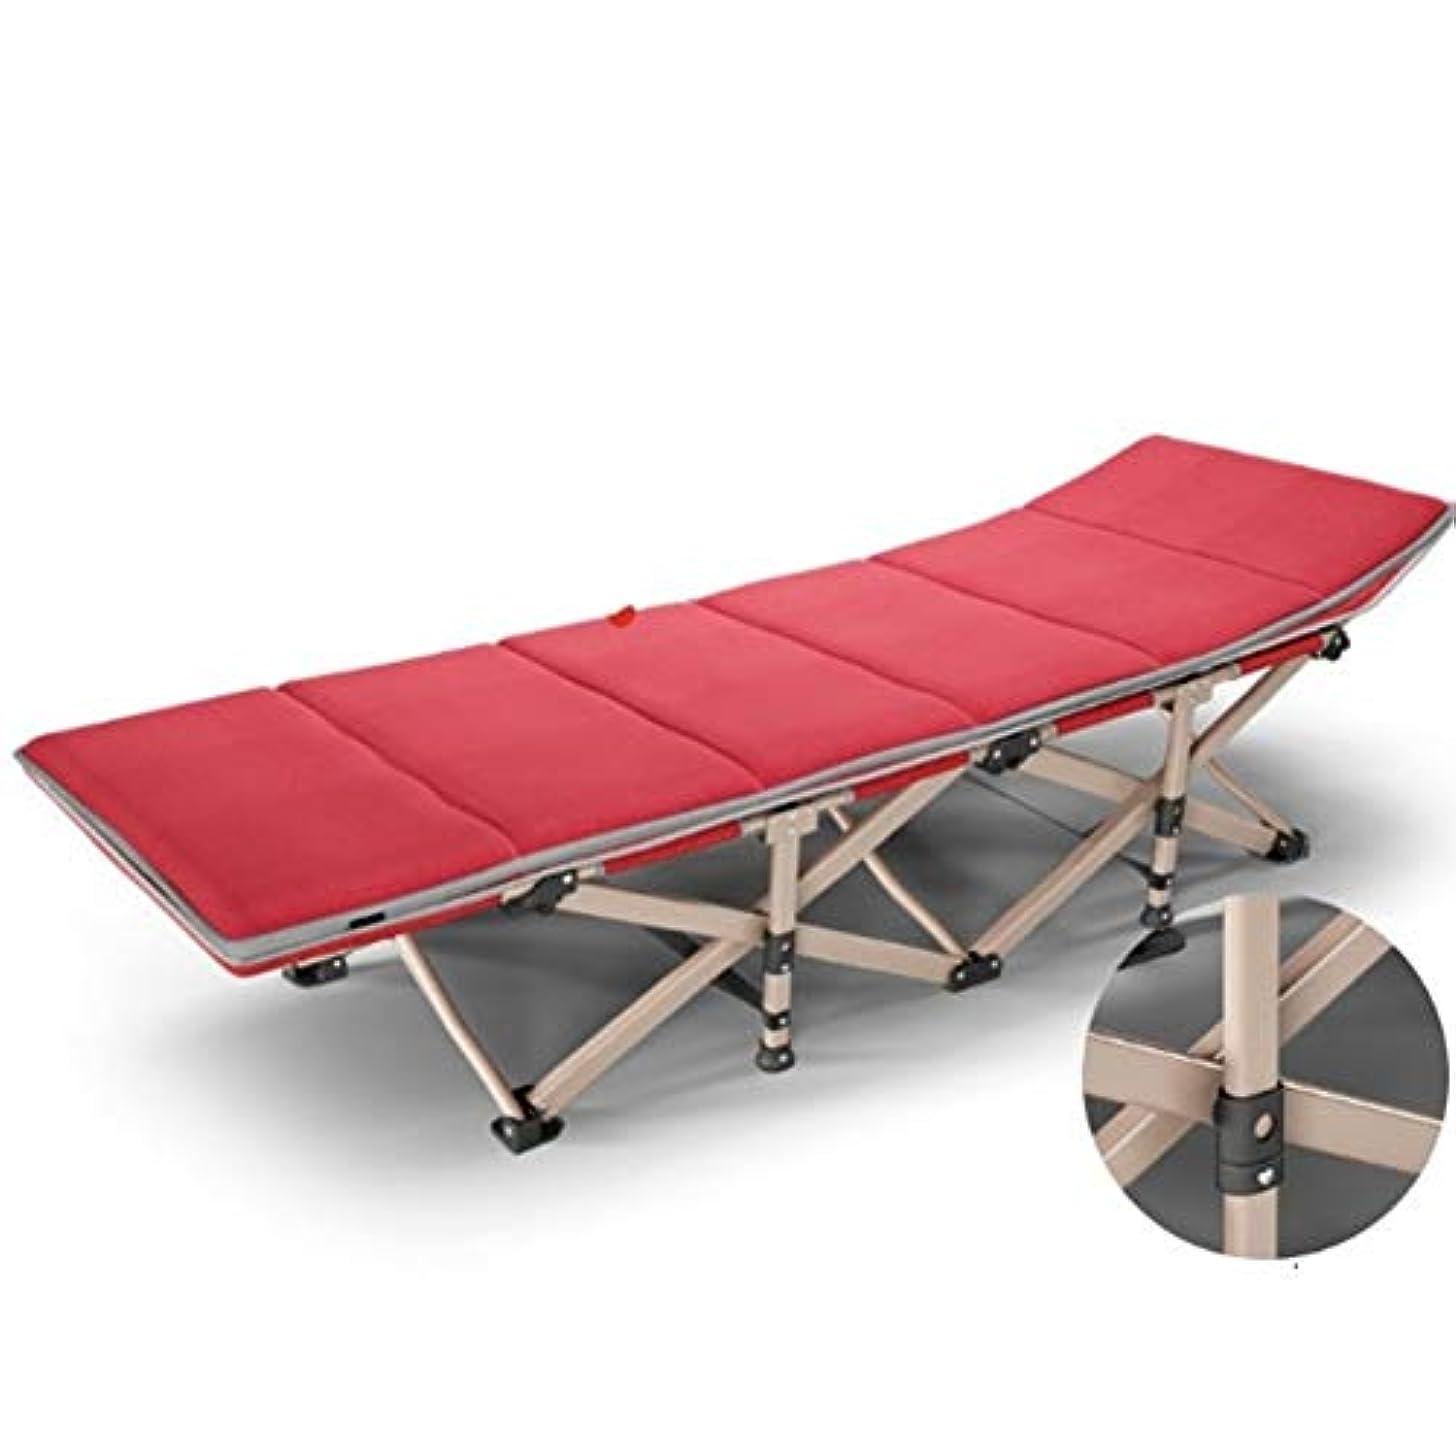 援助奇跡宝SAKEY 折りたたみベッド 吸湿通気 組立不要 袋付き 持ち運び便利 室内 仮眠 昼休み 簡易ベッド アウトドア キャンプ ビーチ レジャーベッド